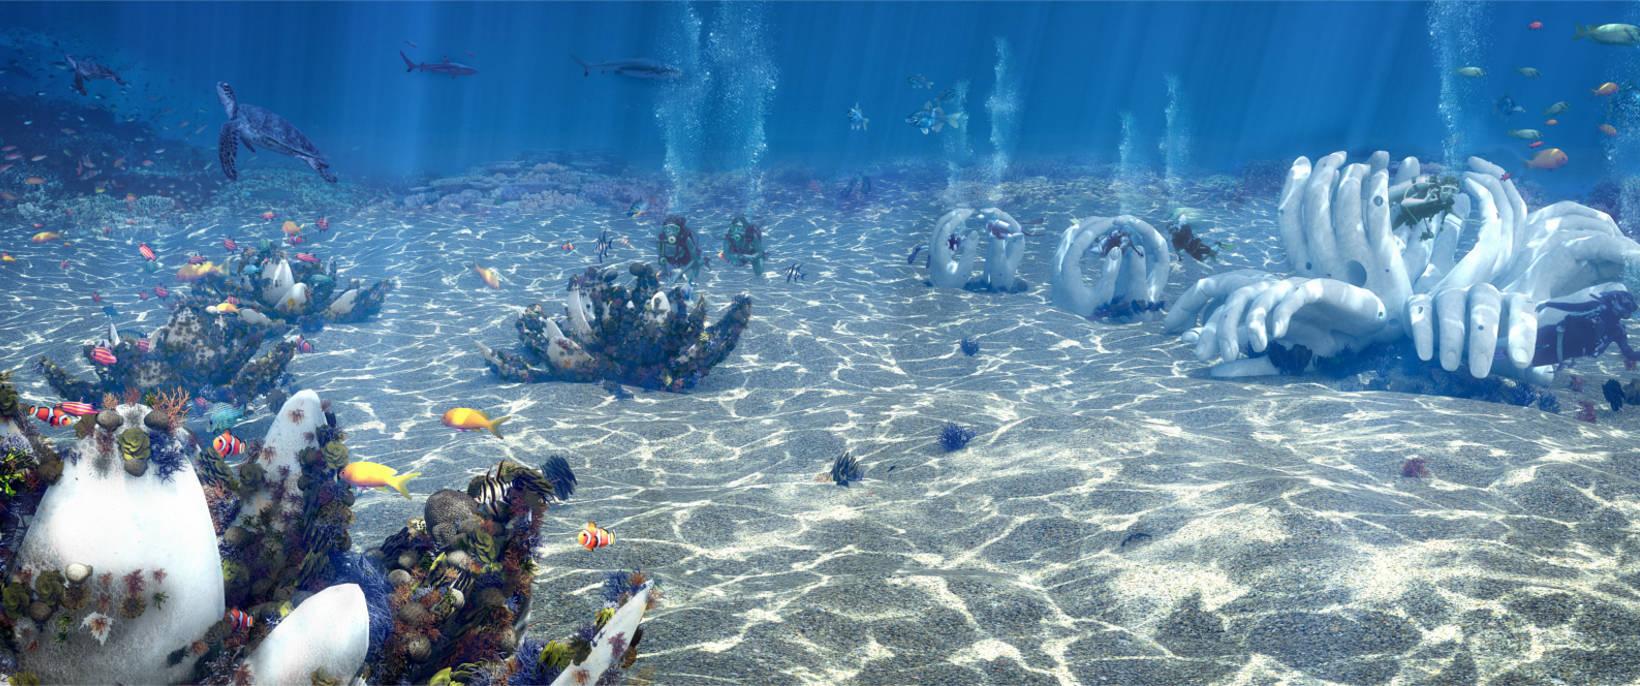 Afbeeldingsresultaat voor coralgardening